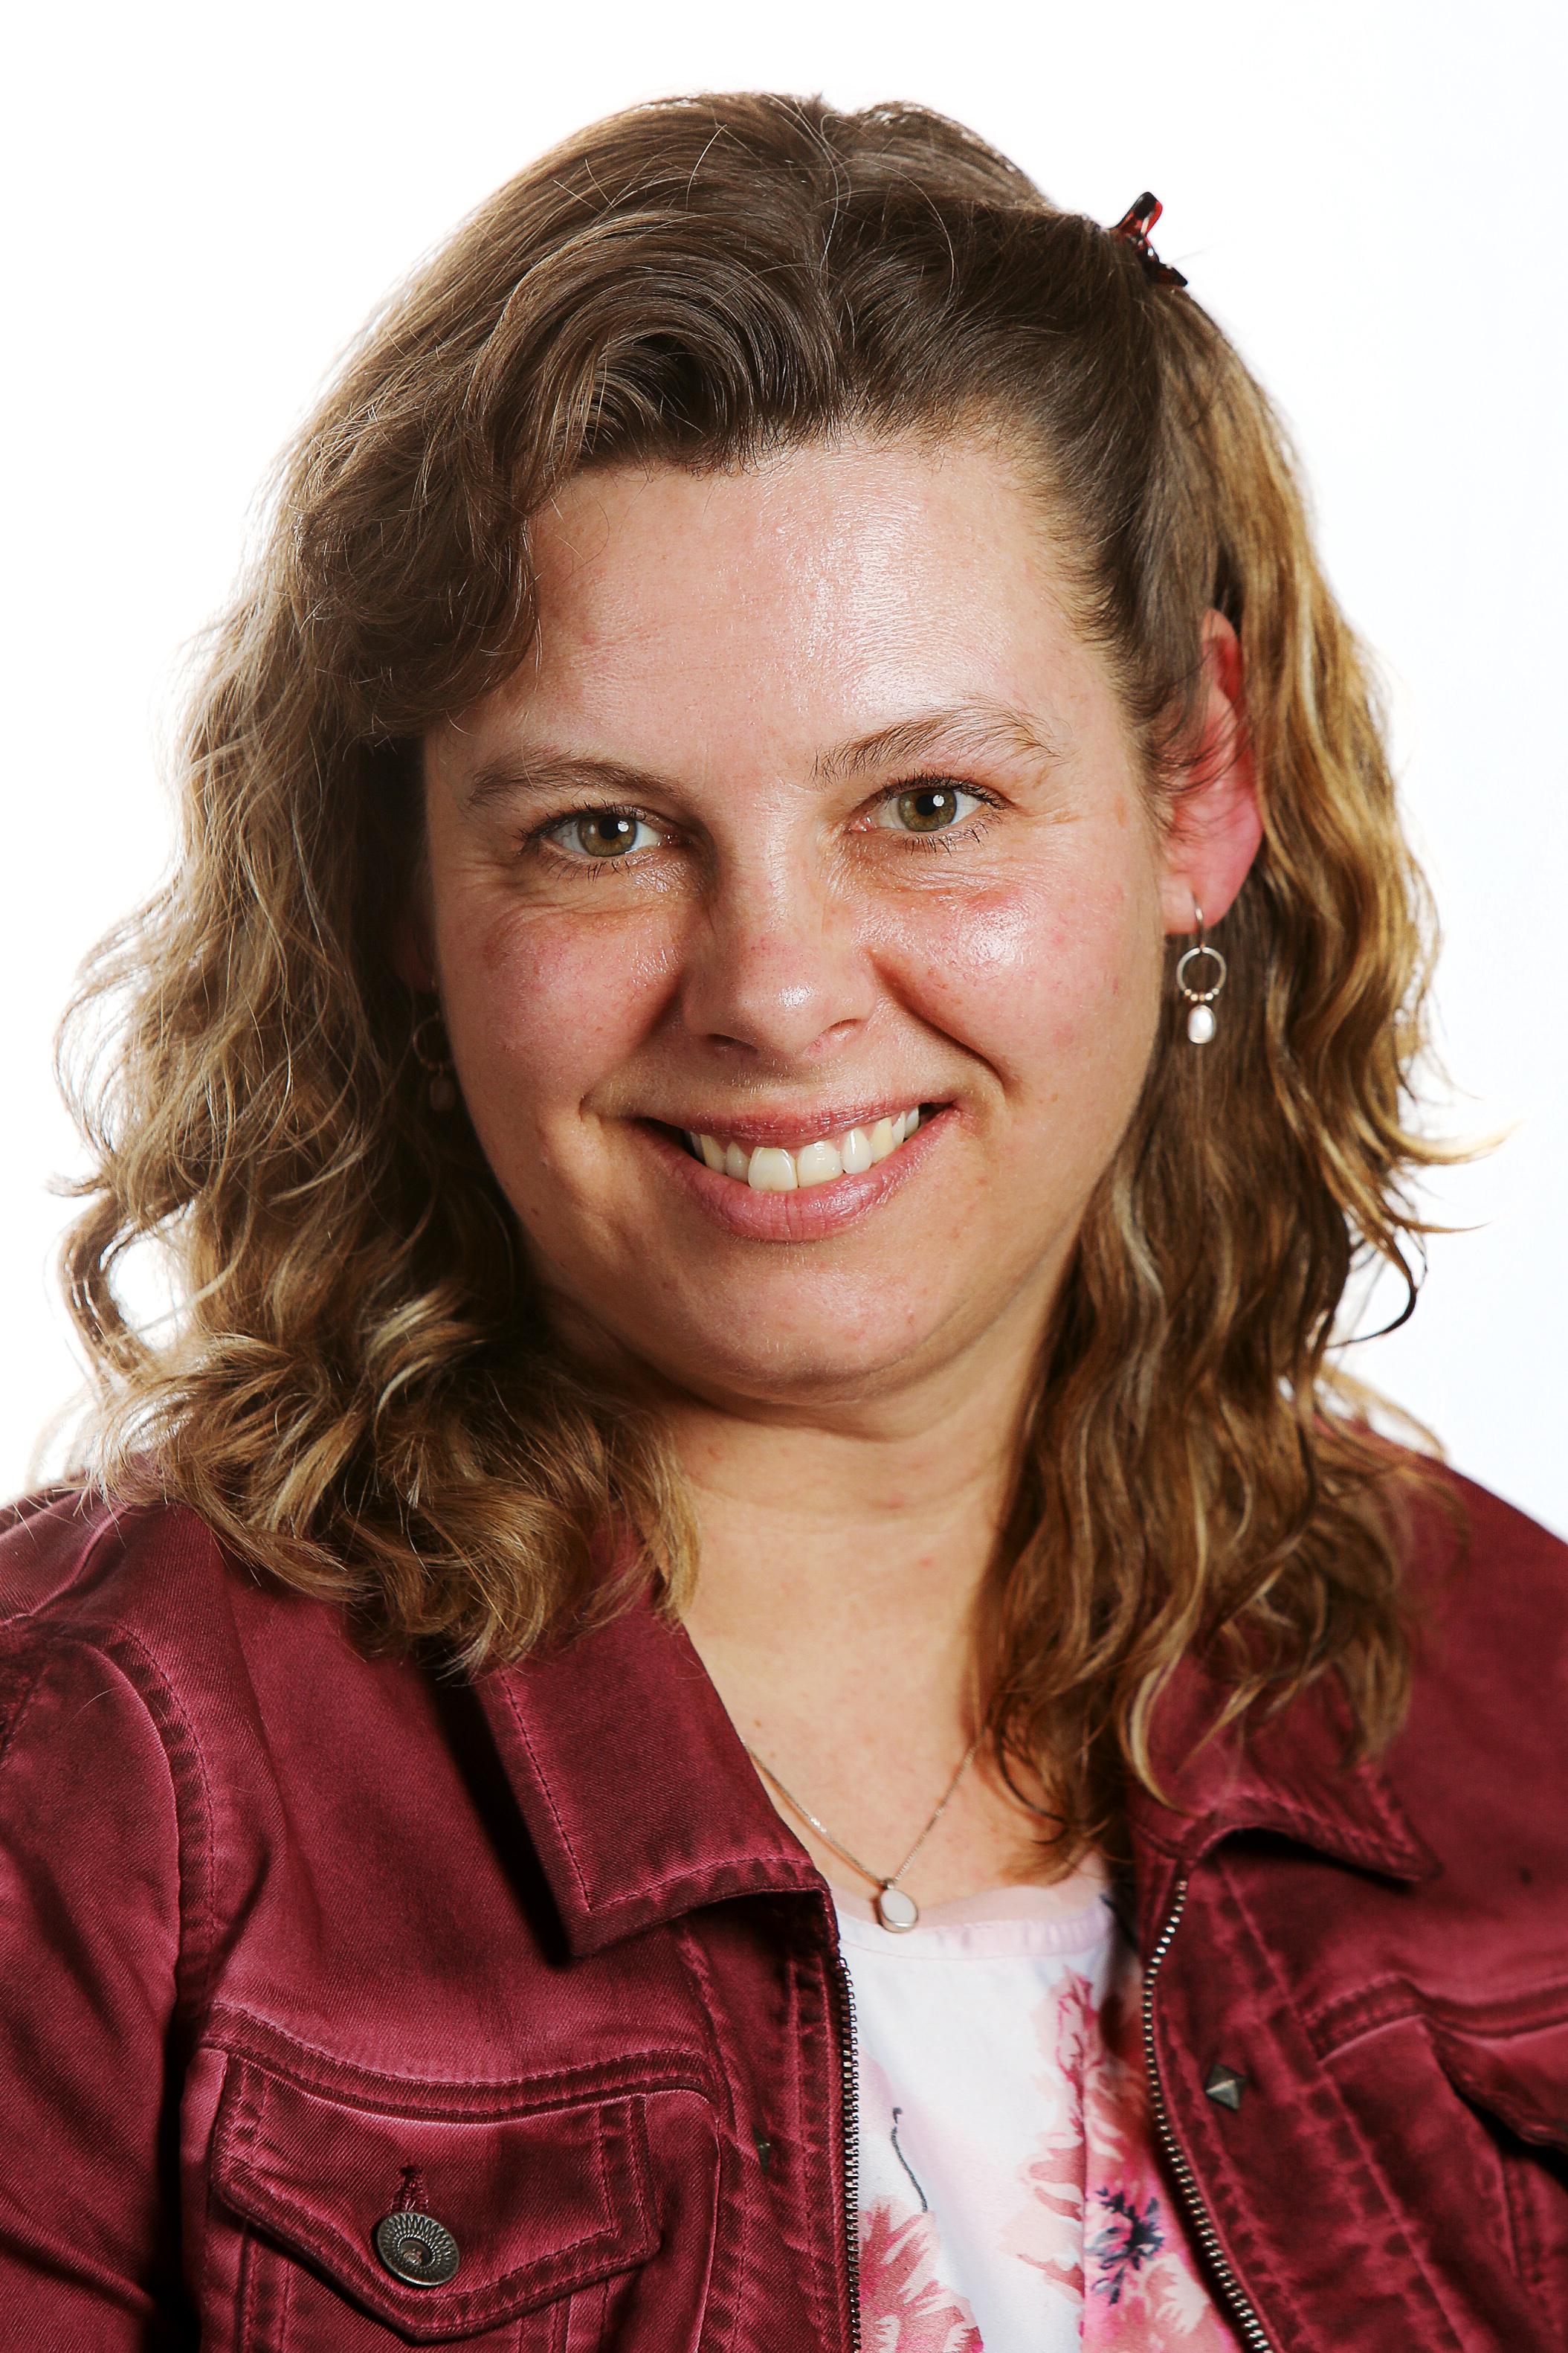 Maiken Dazelle Nielsen